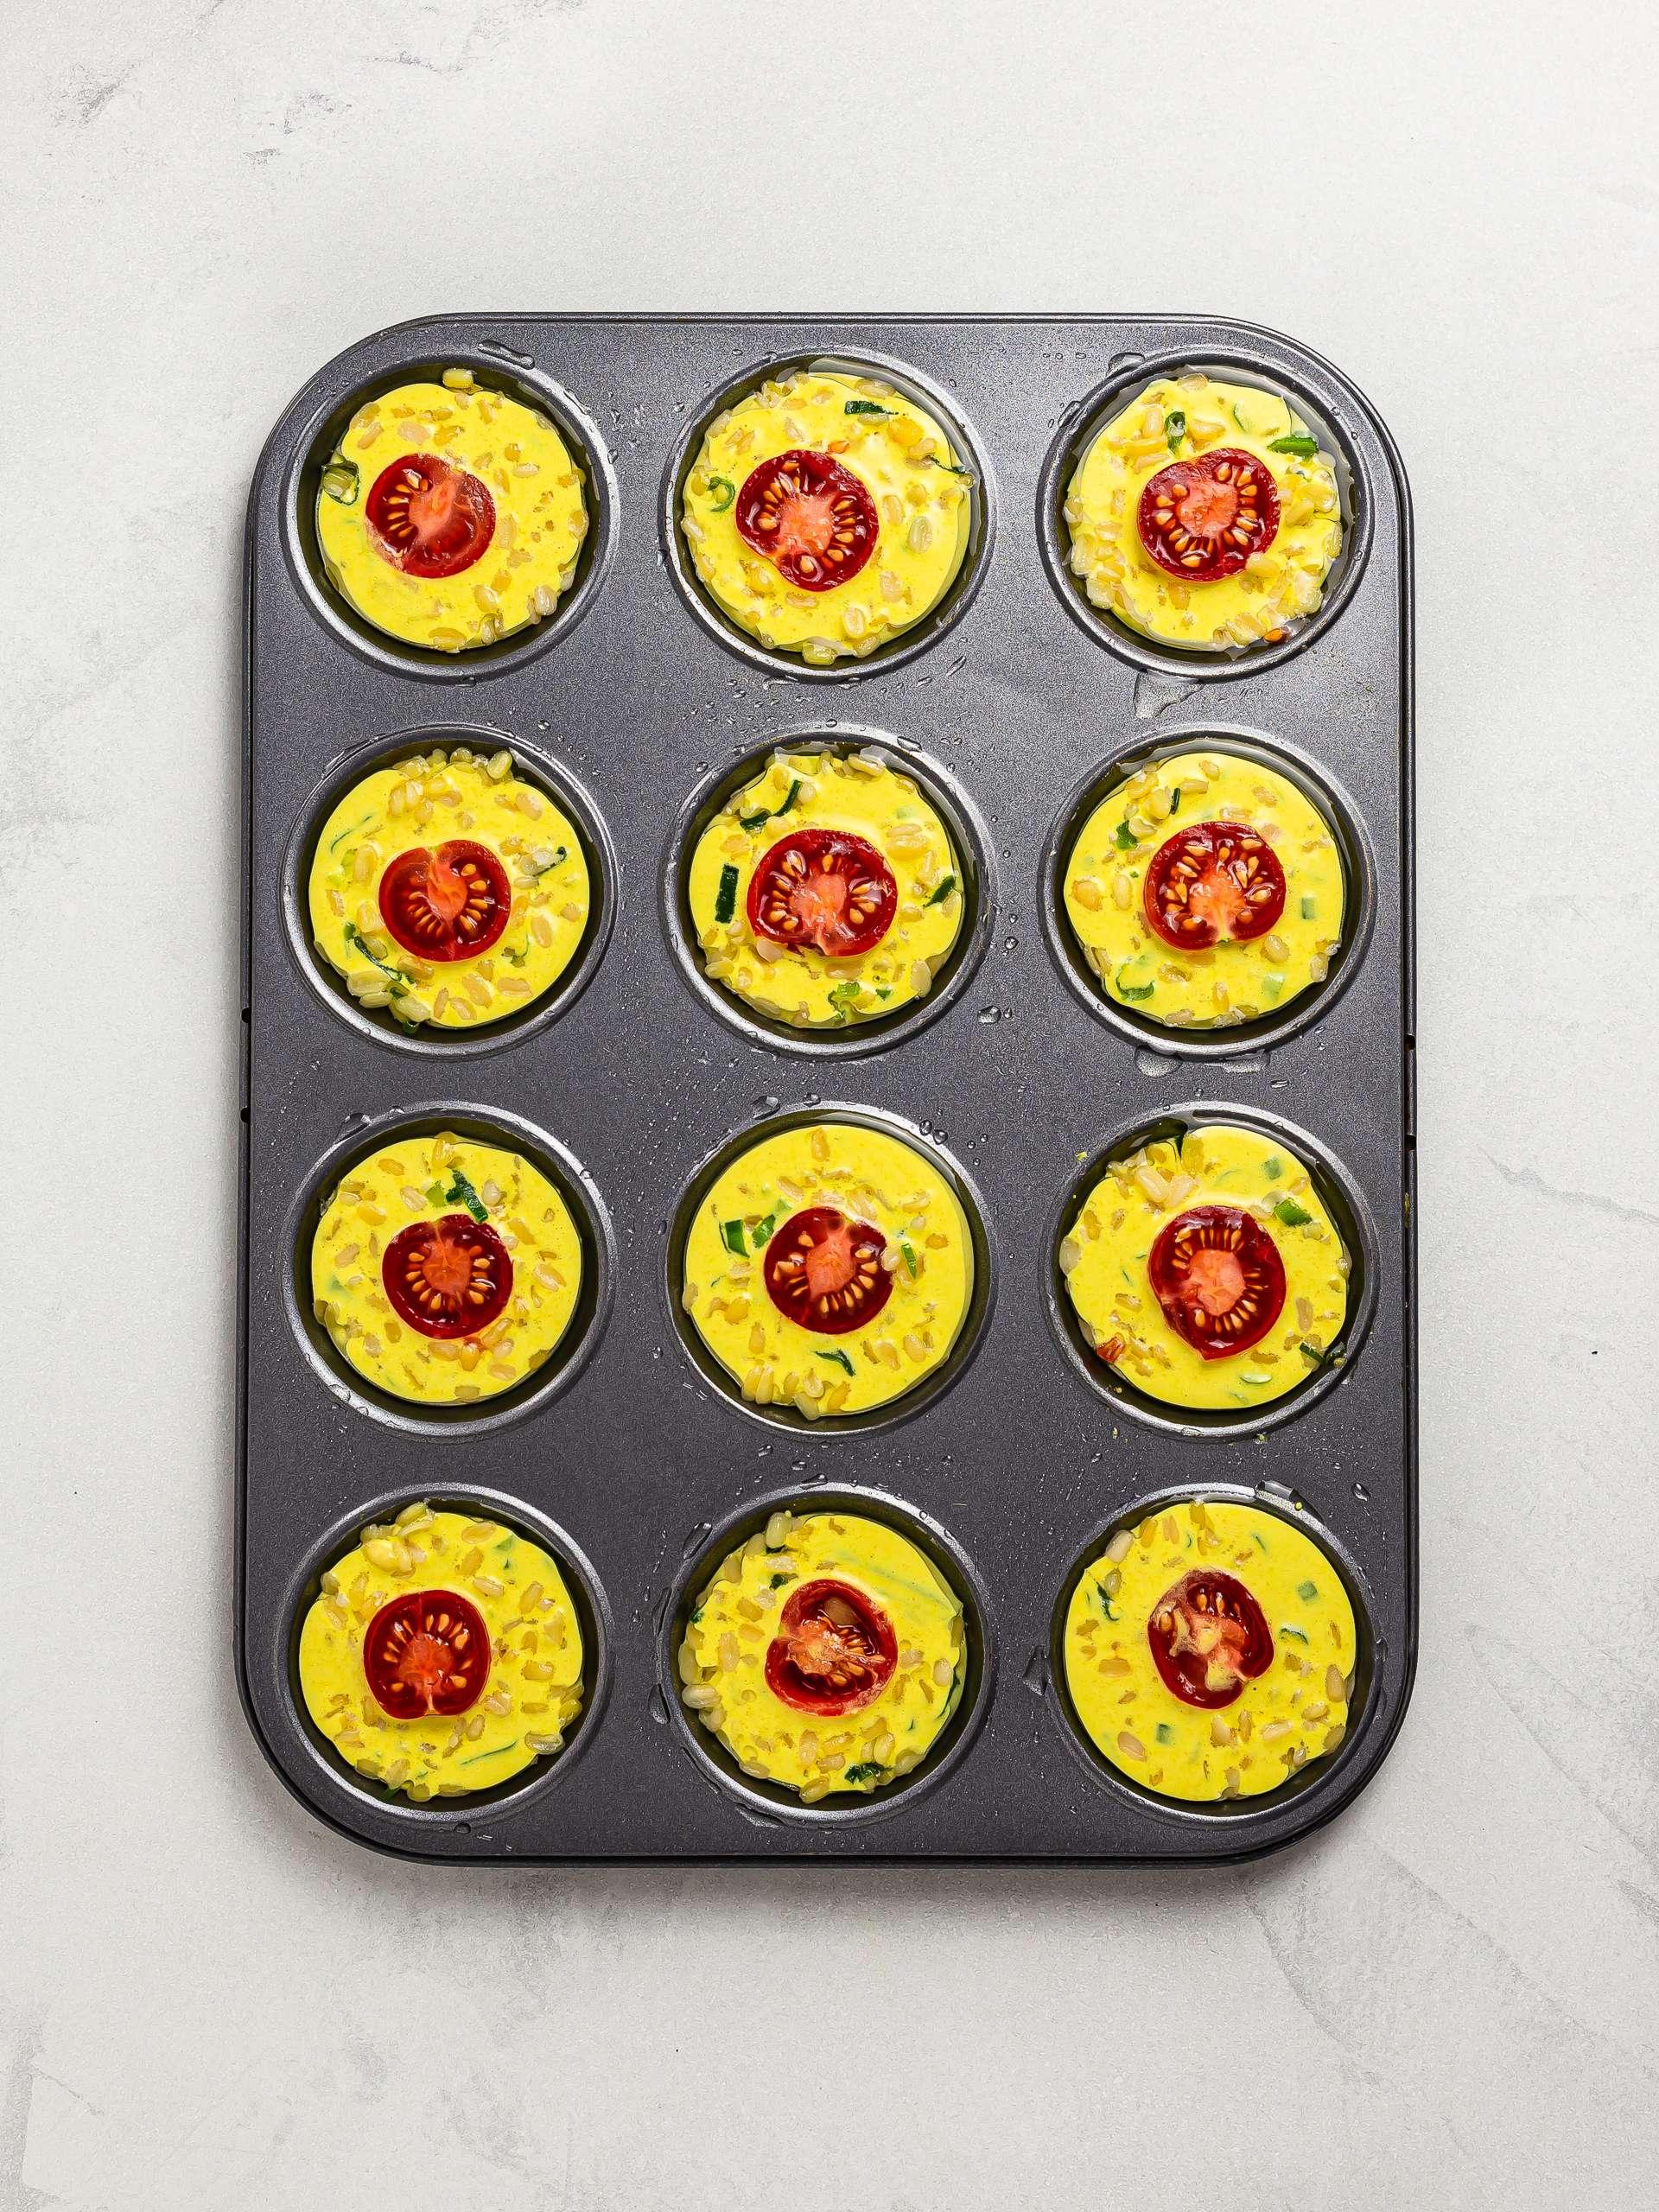 banh khot pancake batter in a bun tray